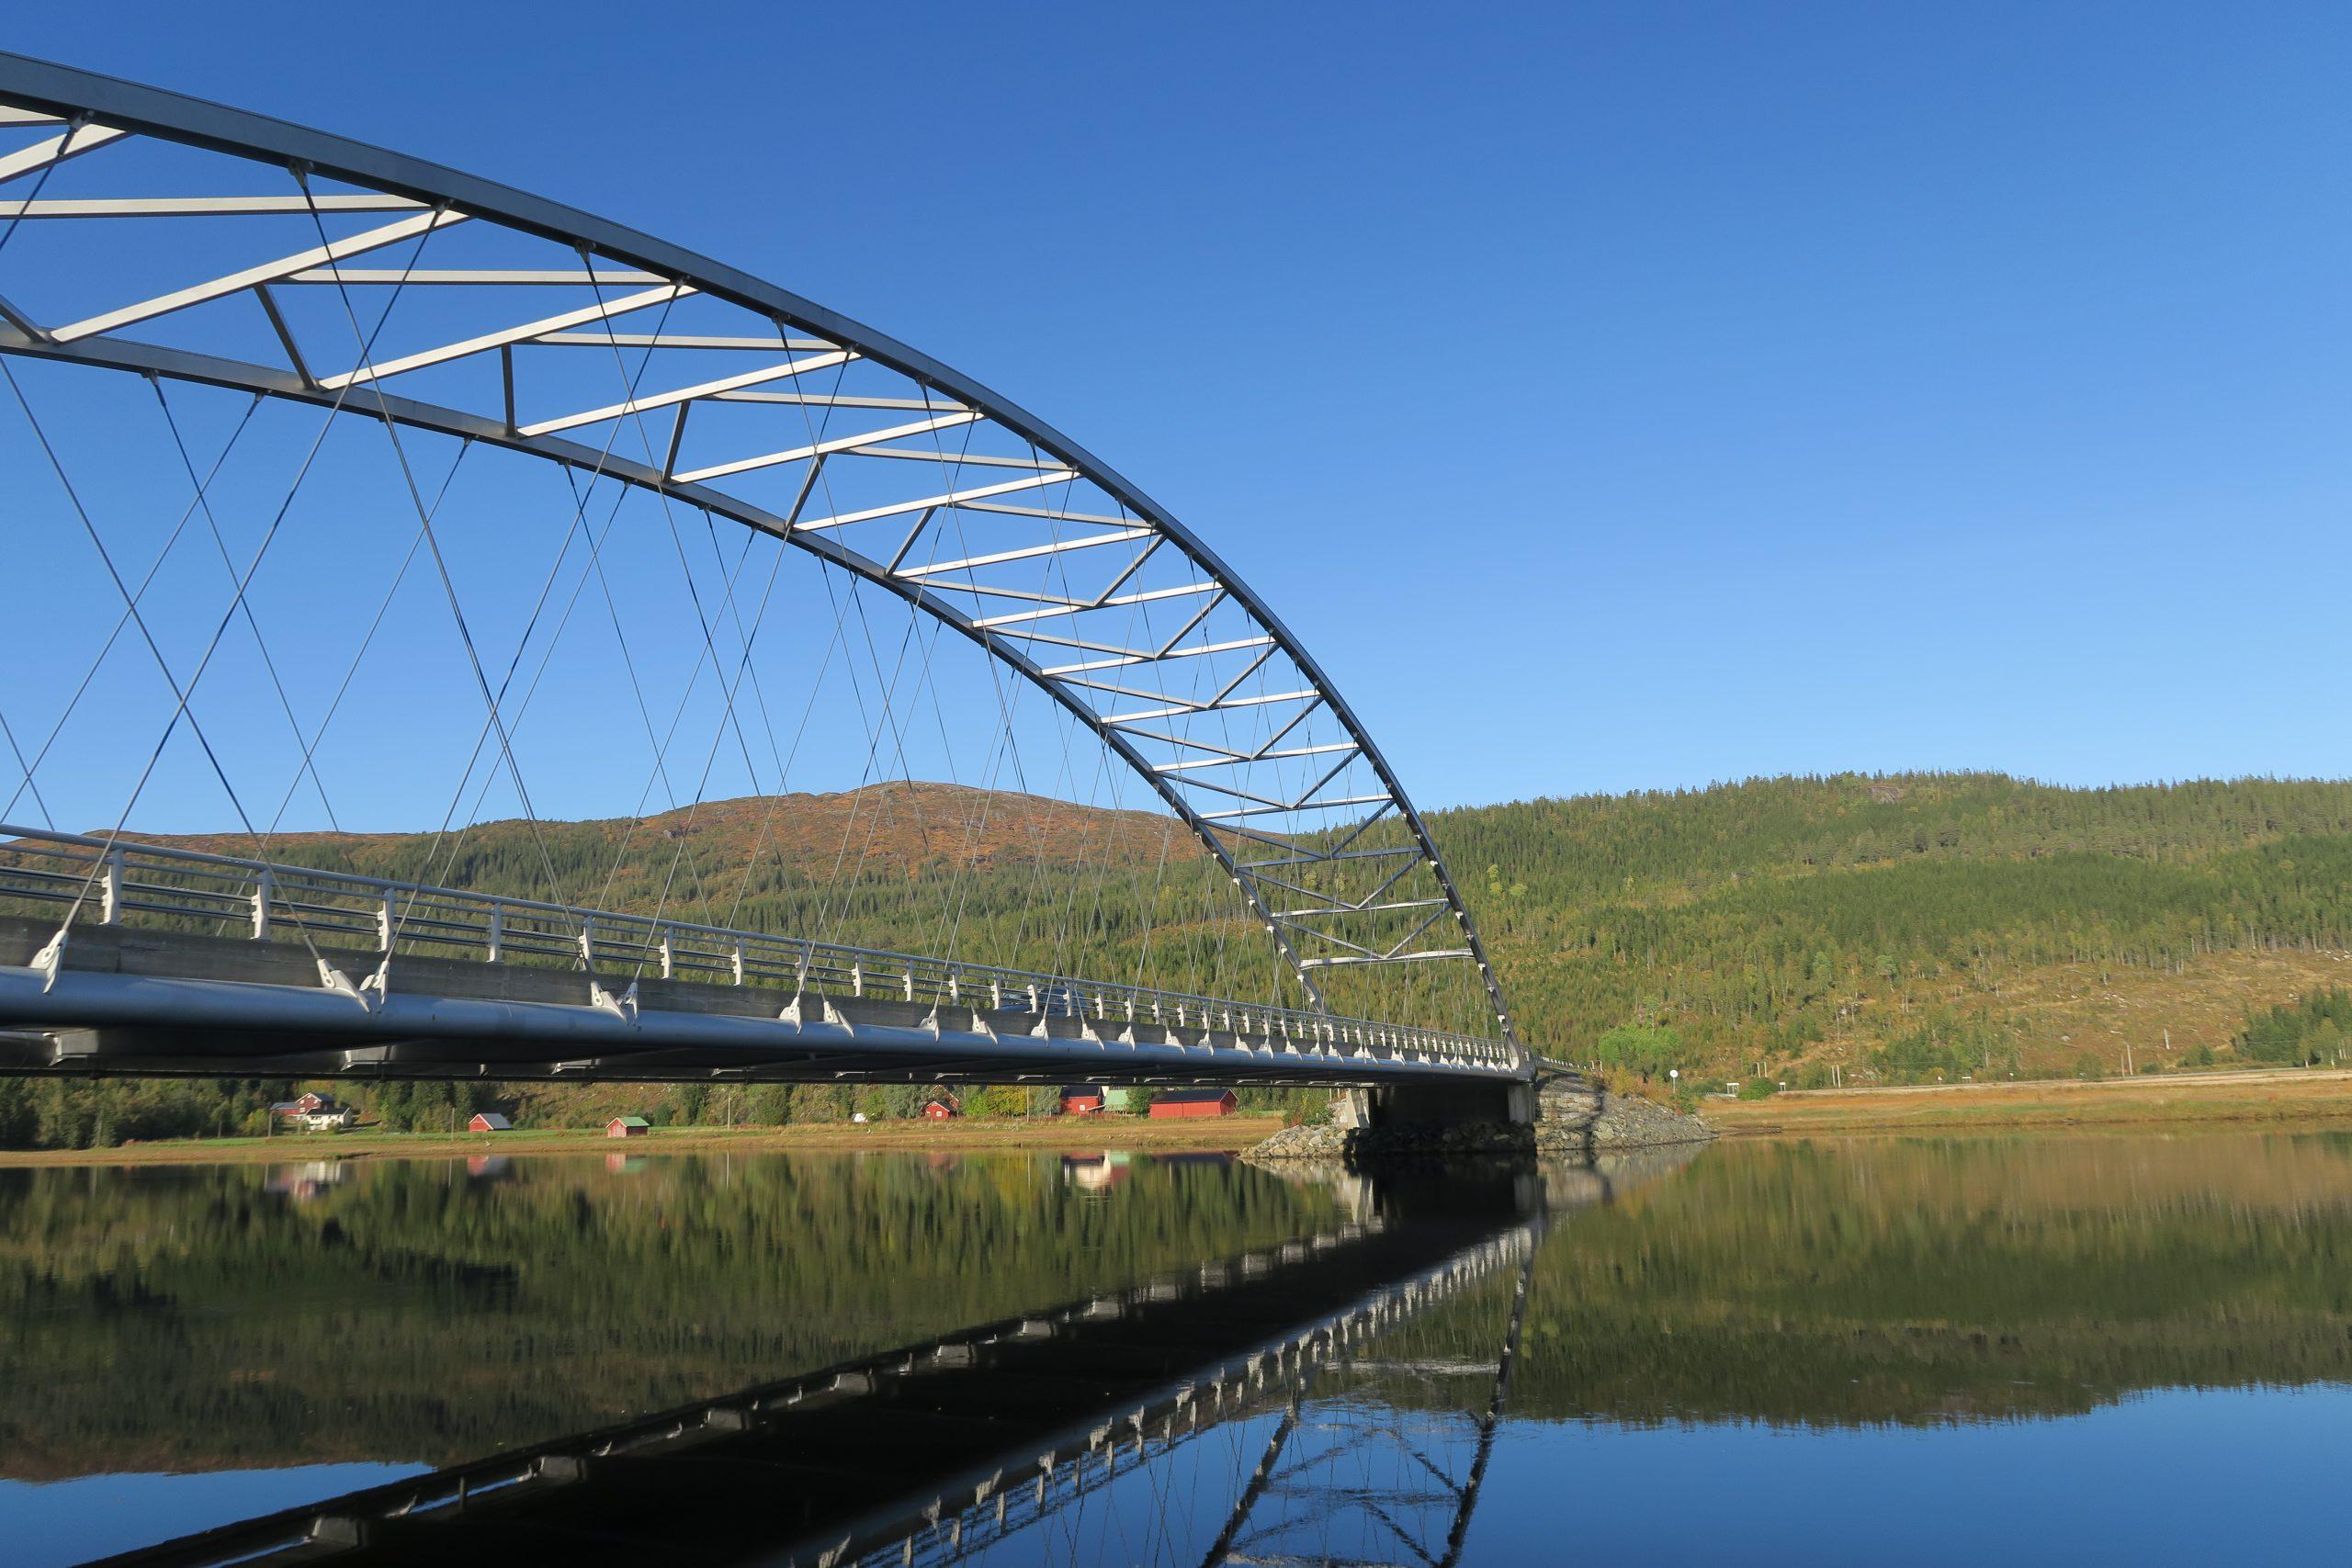 Bru Namdalseid, Flatanger. Illustrasjonsbilde bilferie, bobilferie i Namdalen, Trøndelag.